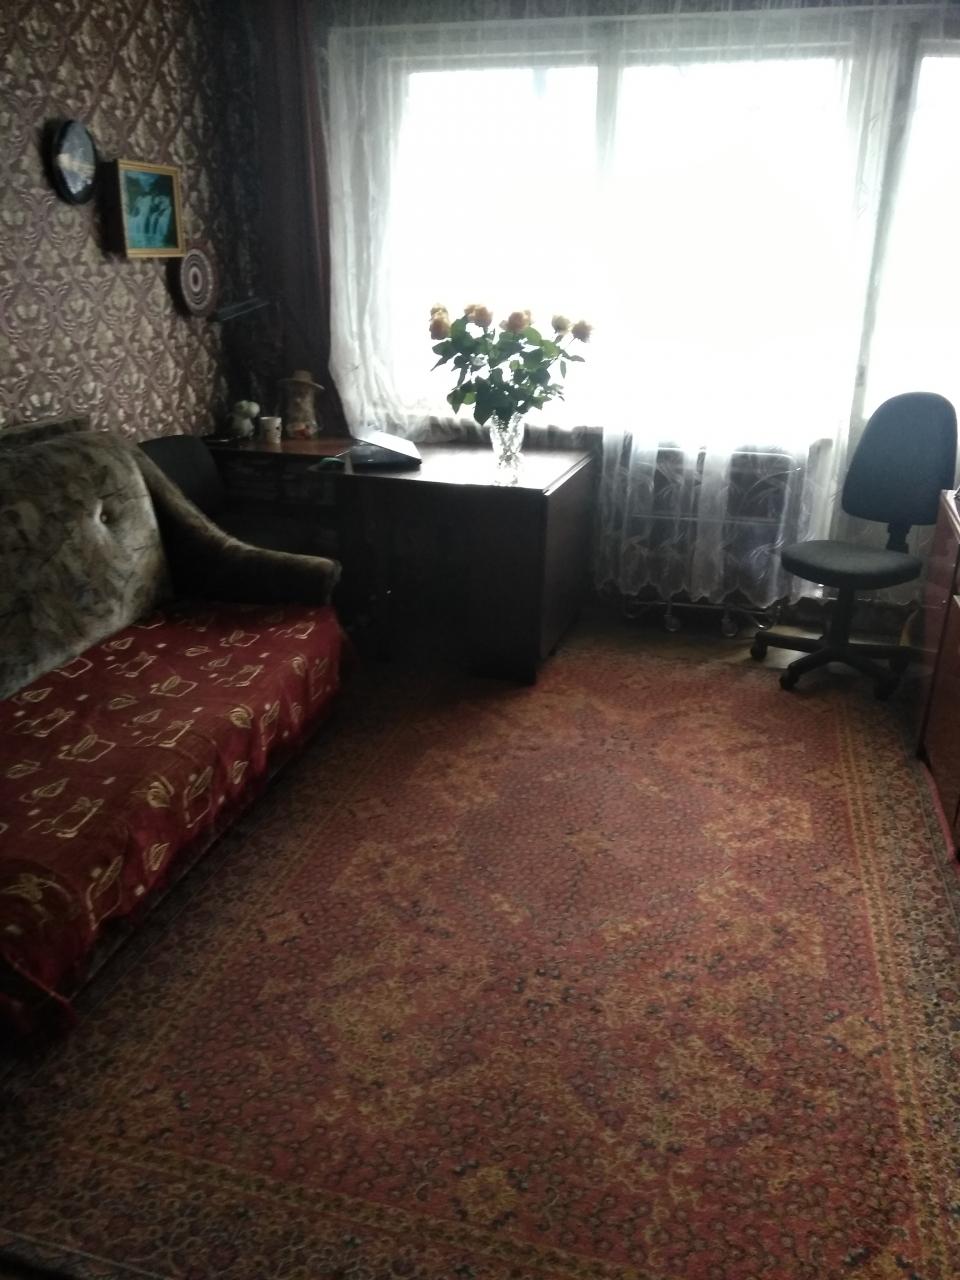 http://nevsky-prostor.pro.bkn.ru/images/s_big/b2b19a40-2361-11e7-a066-448a5bd44c07.jpg